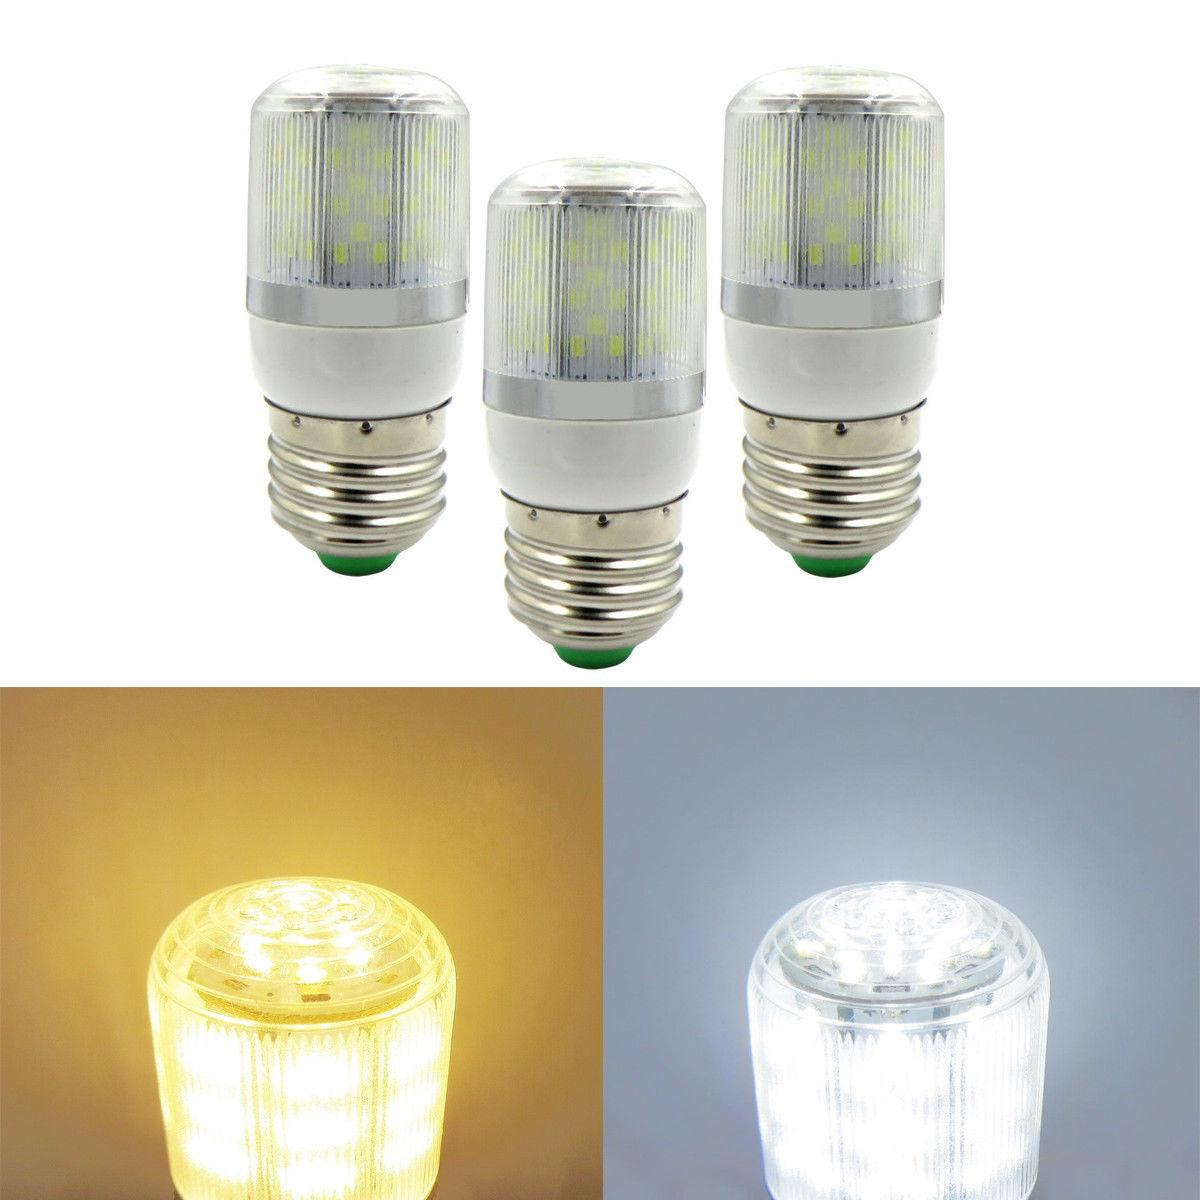 usa shipping 3x e27 led light corn